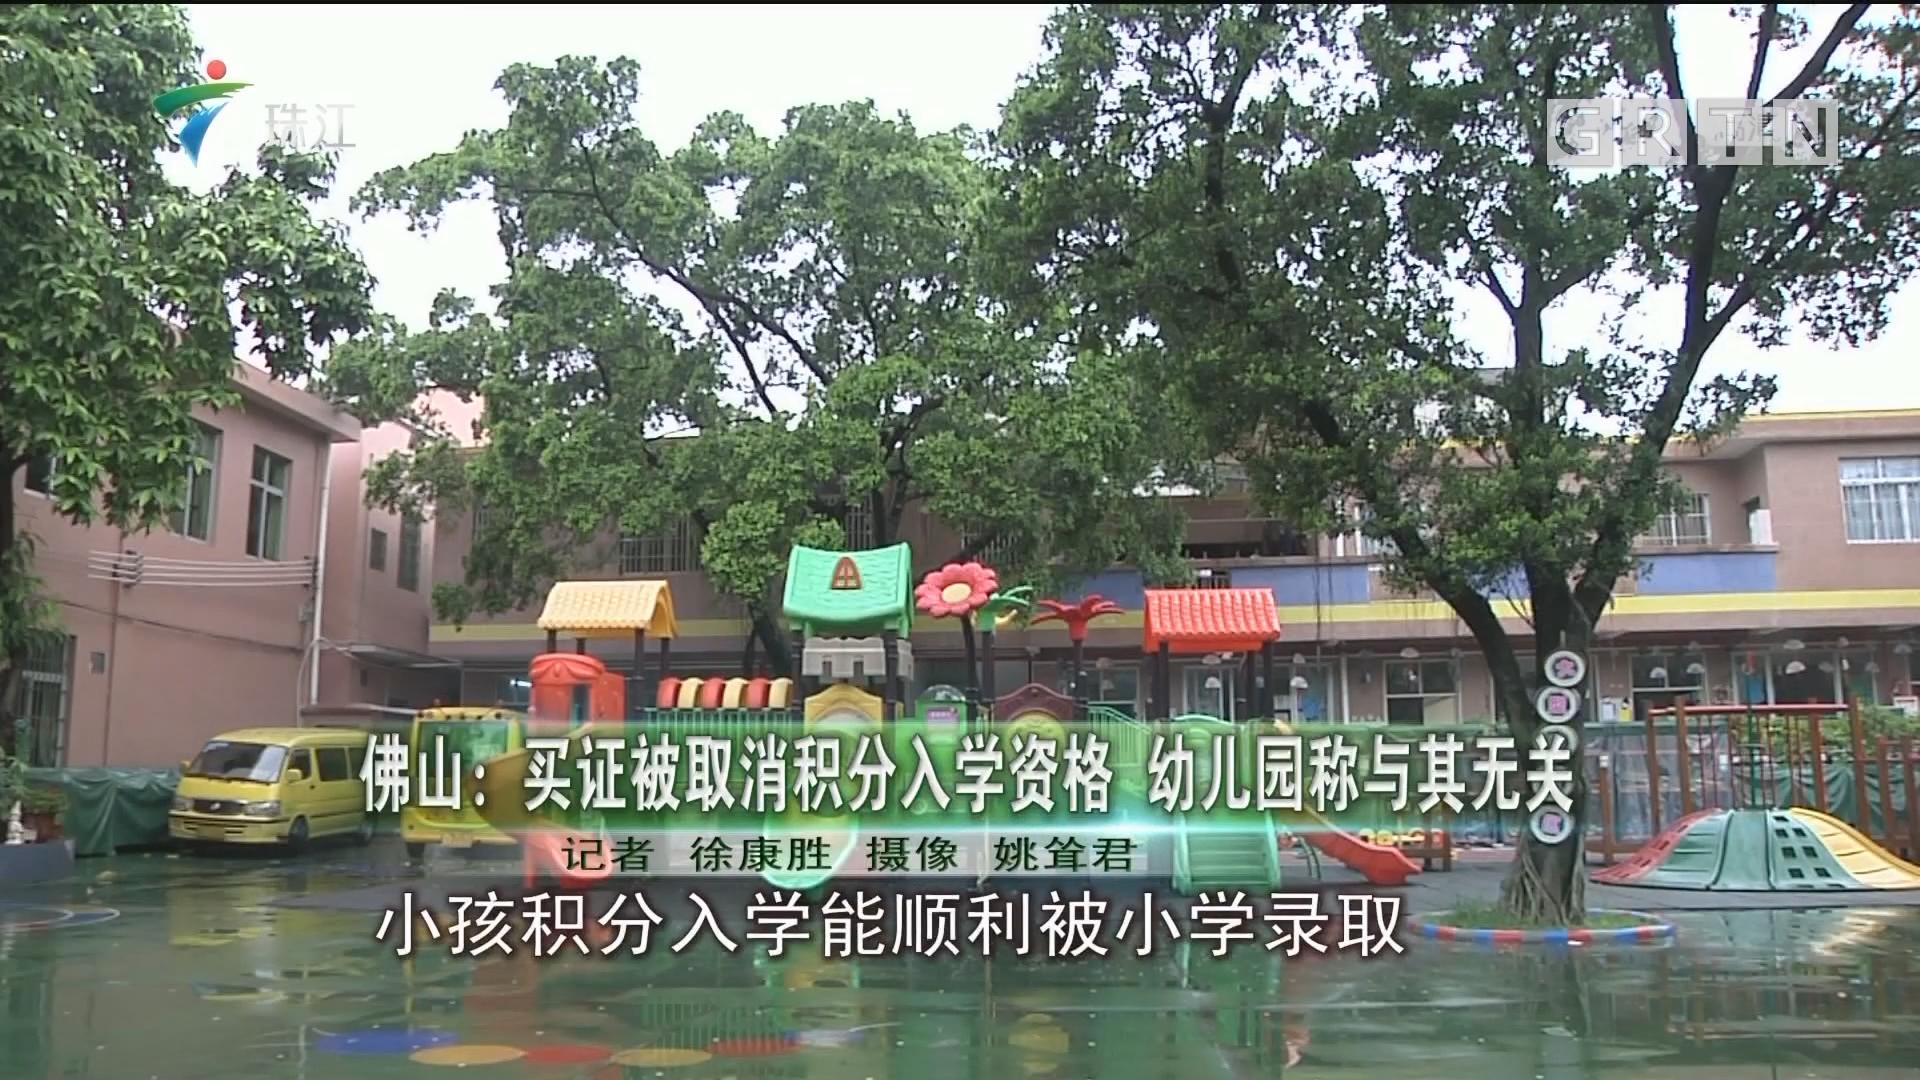 佛山:买证被取消积分入学资格 幼儿园称与其无关